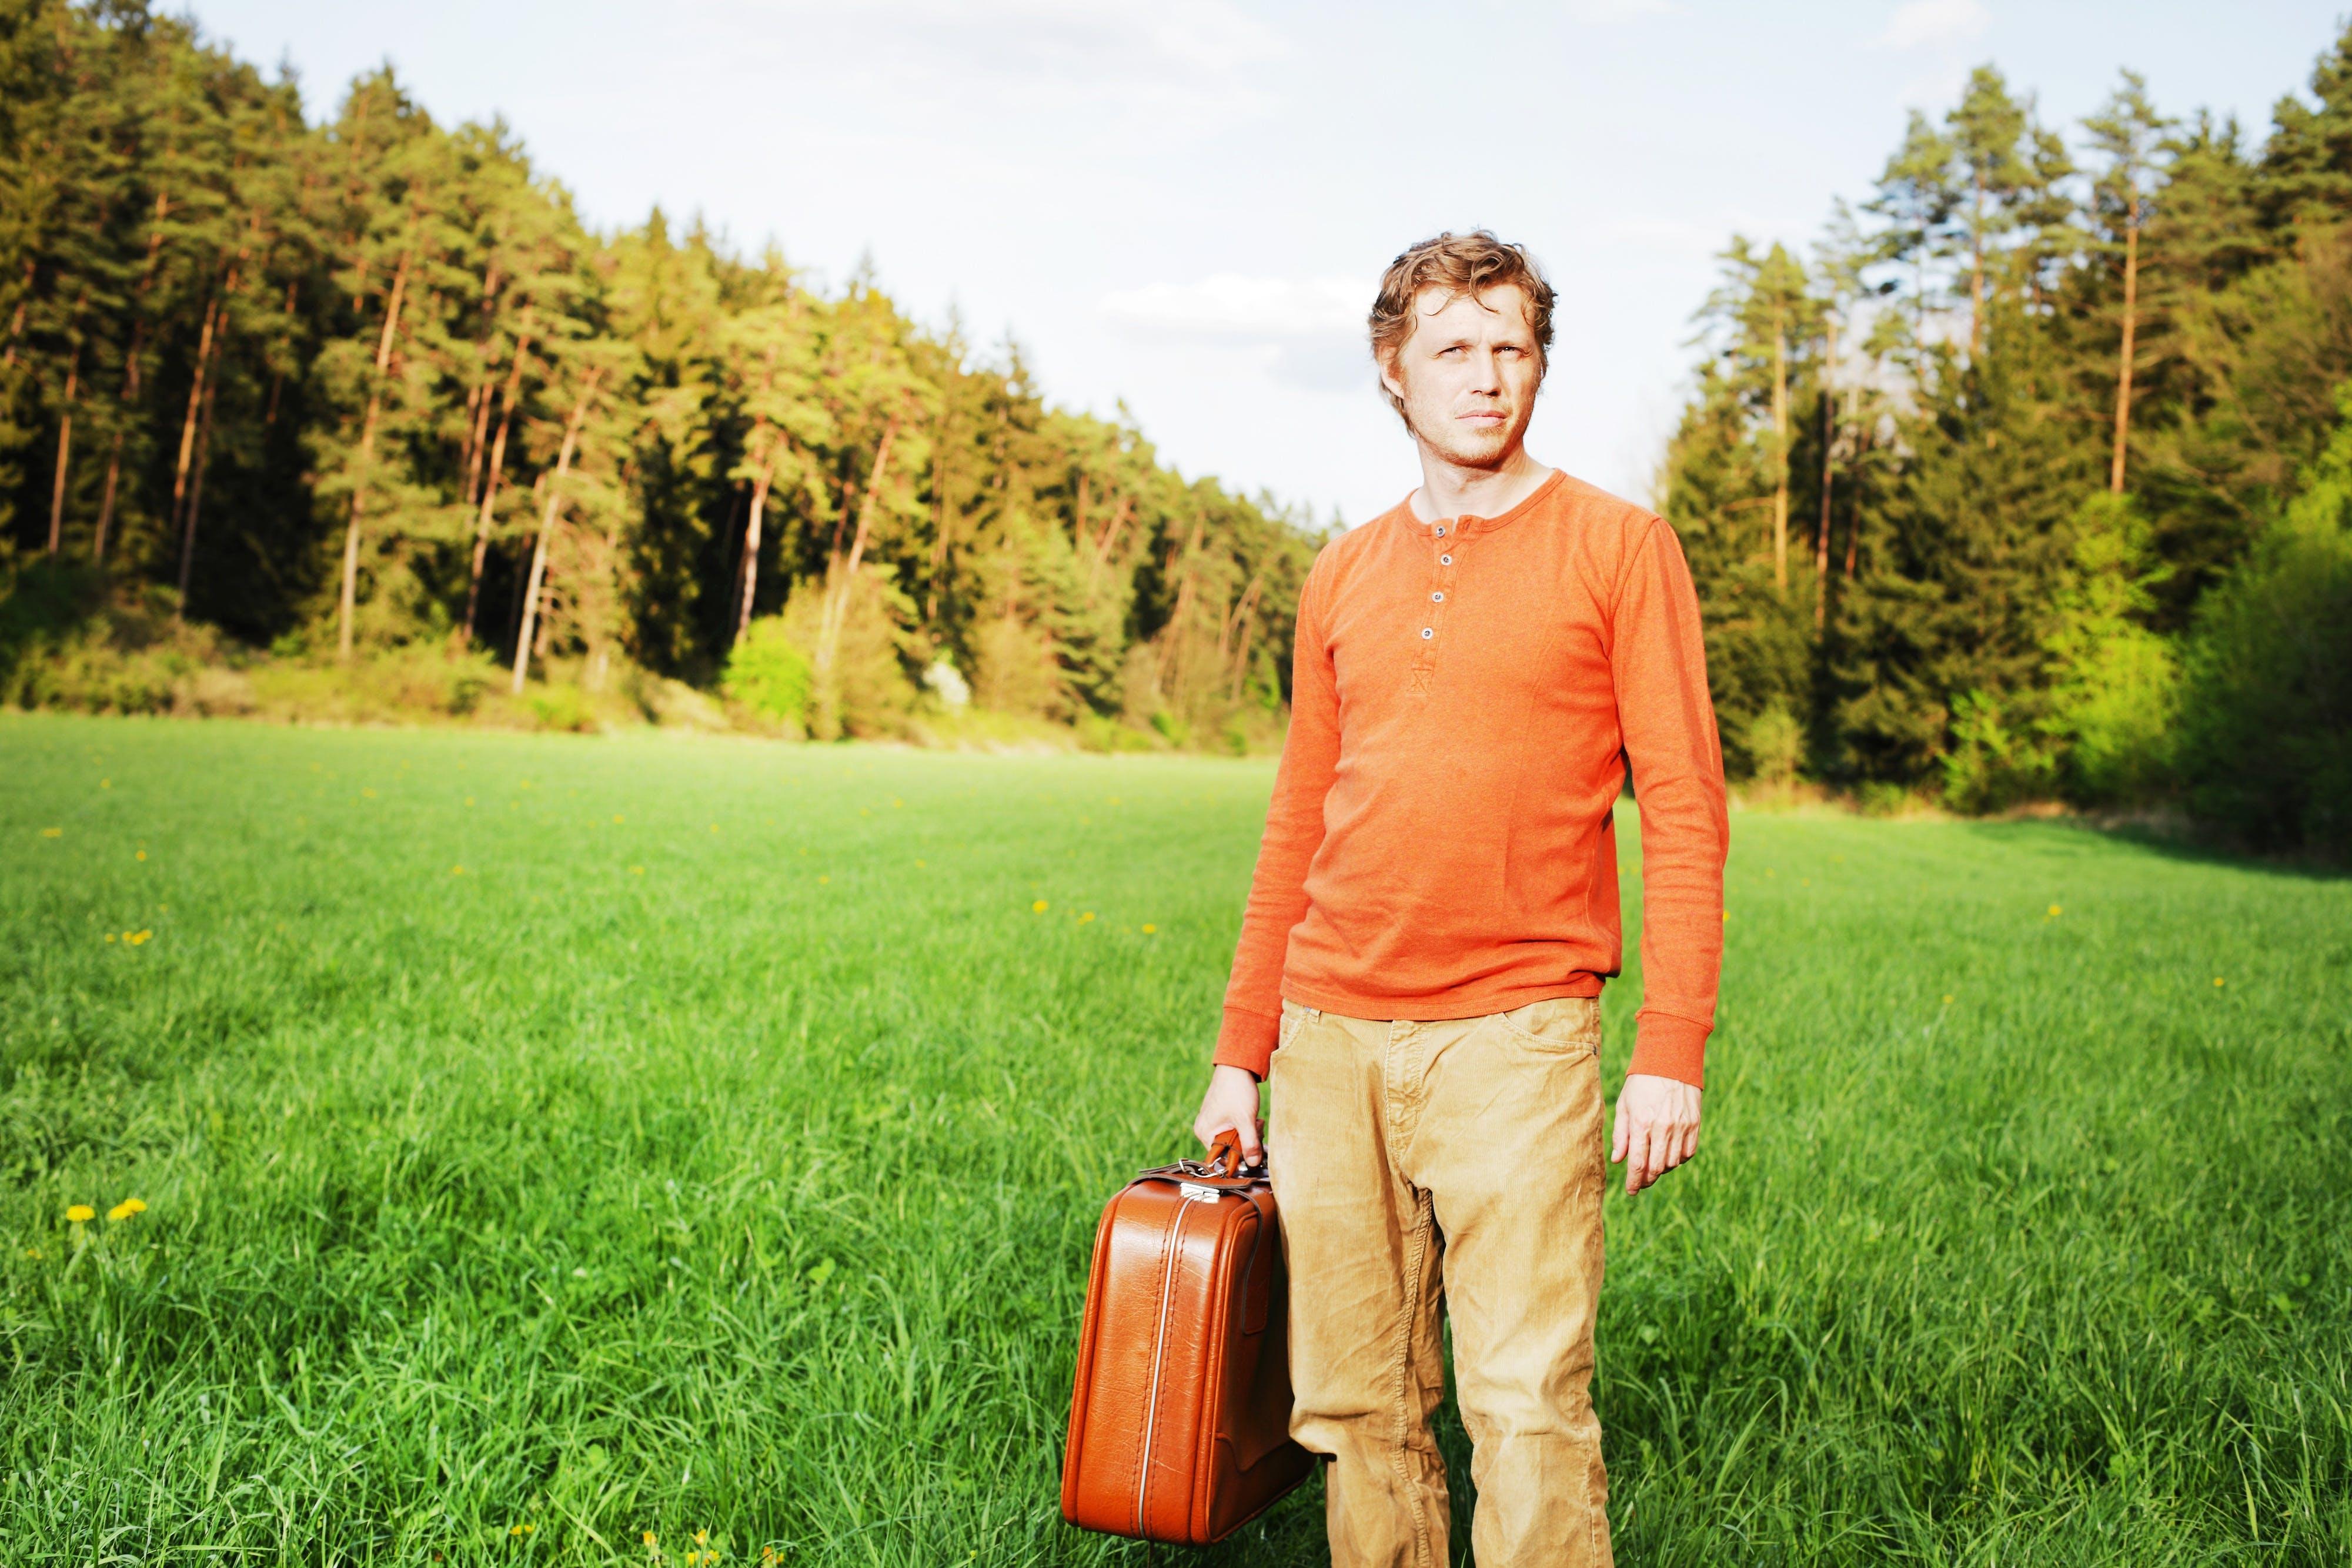 Man in Orange Henley-neckline Shirt Holding Suitcase